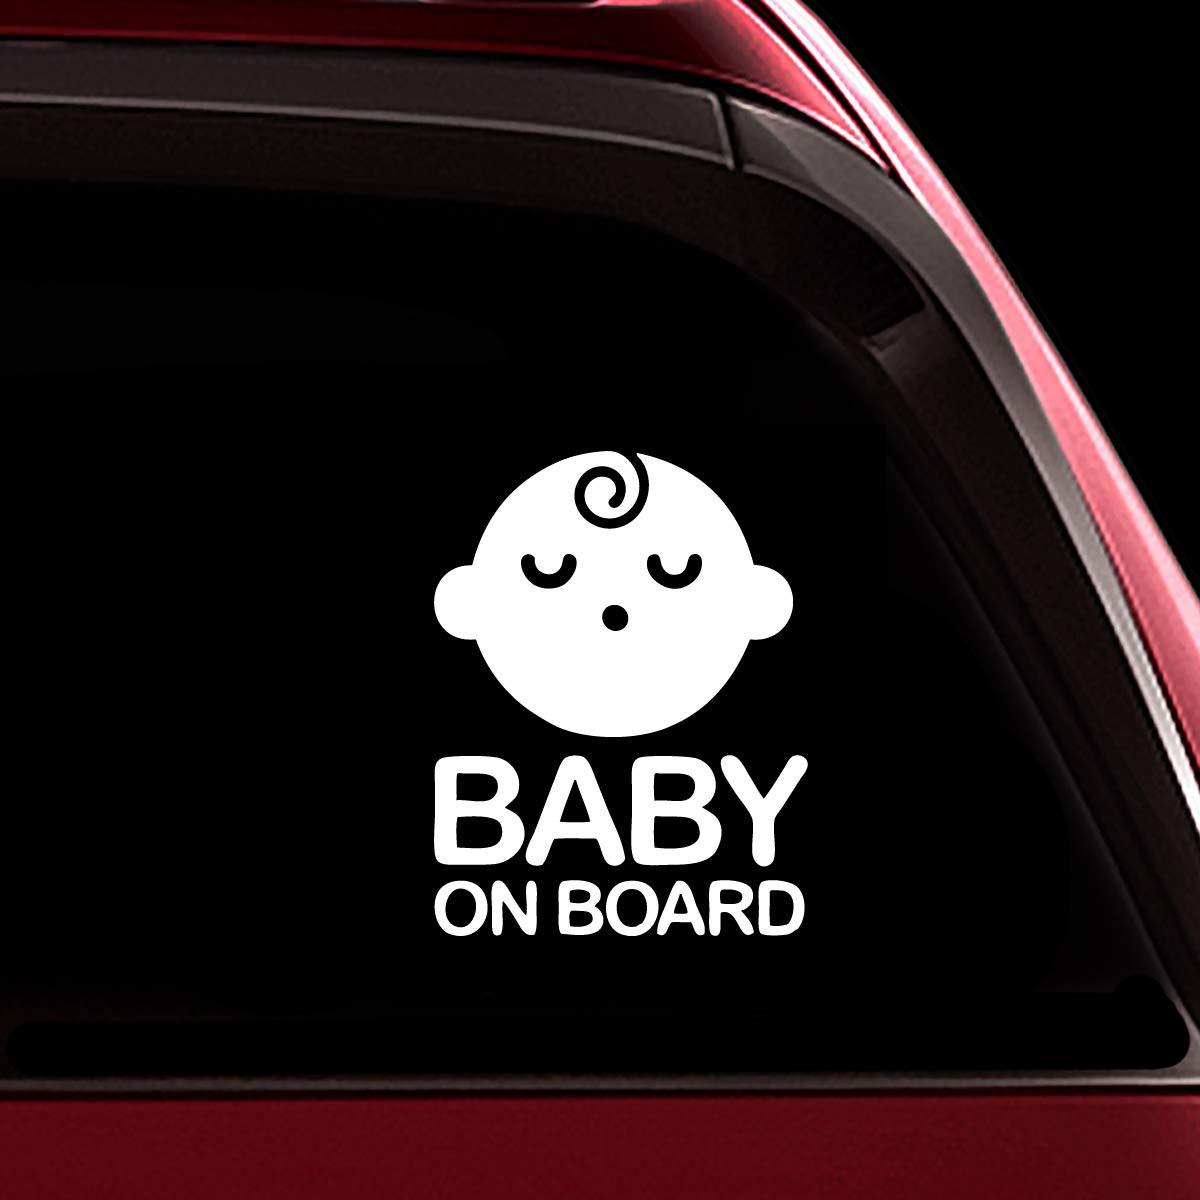 TOTOMO # ALI-020 Etiqueta adhesiva de bebé a bordo Signo de aviso de seguridad para autoventa - Seeling Baby Boy: Amazon.es: Bebé